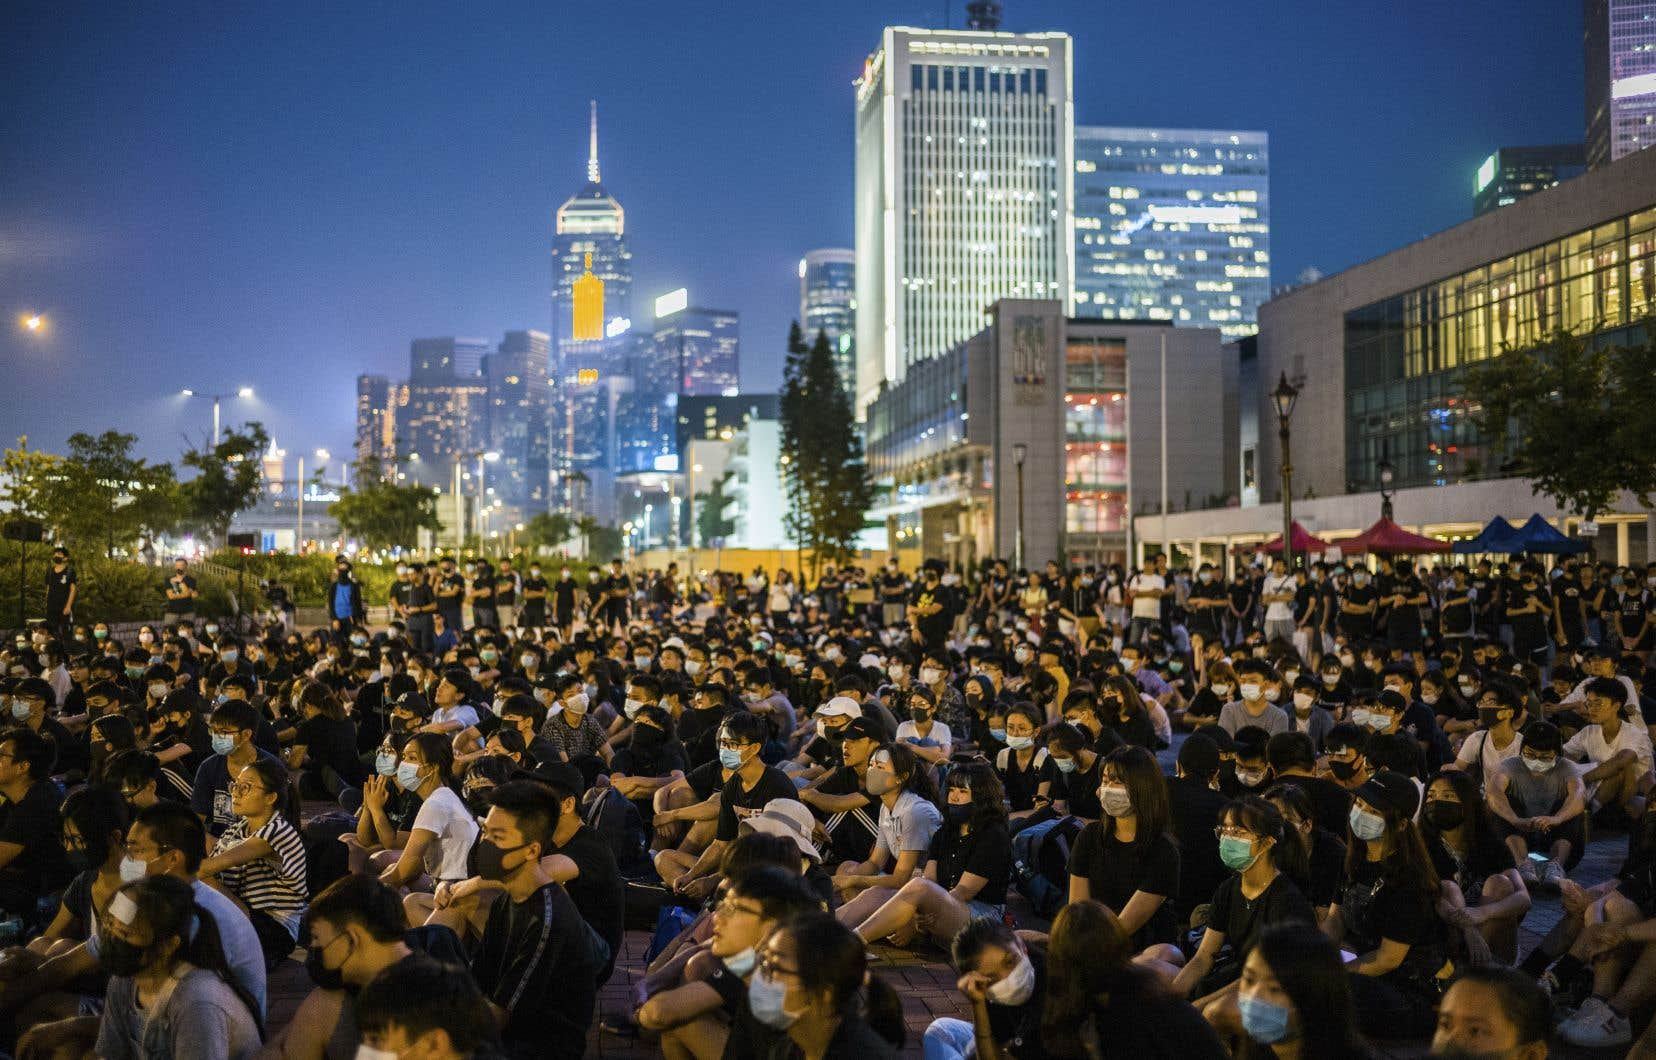 Selon la plateforme, les autorités chinoises ont publié des vidéos pour discréditer la mobilisation en faveur de réformes démocratiques à Hong Kong.